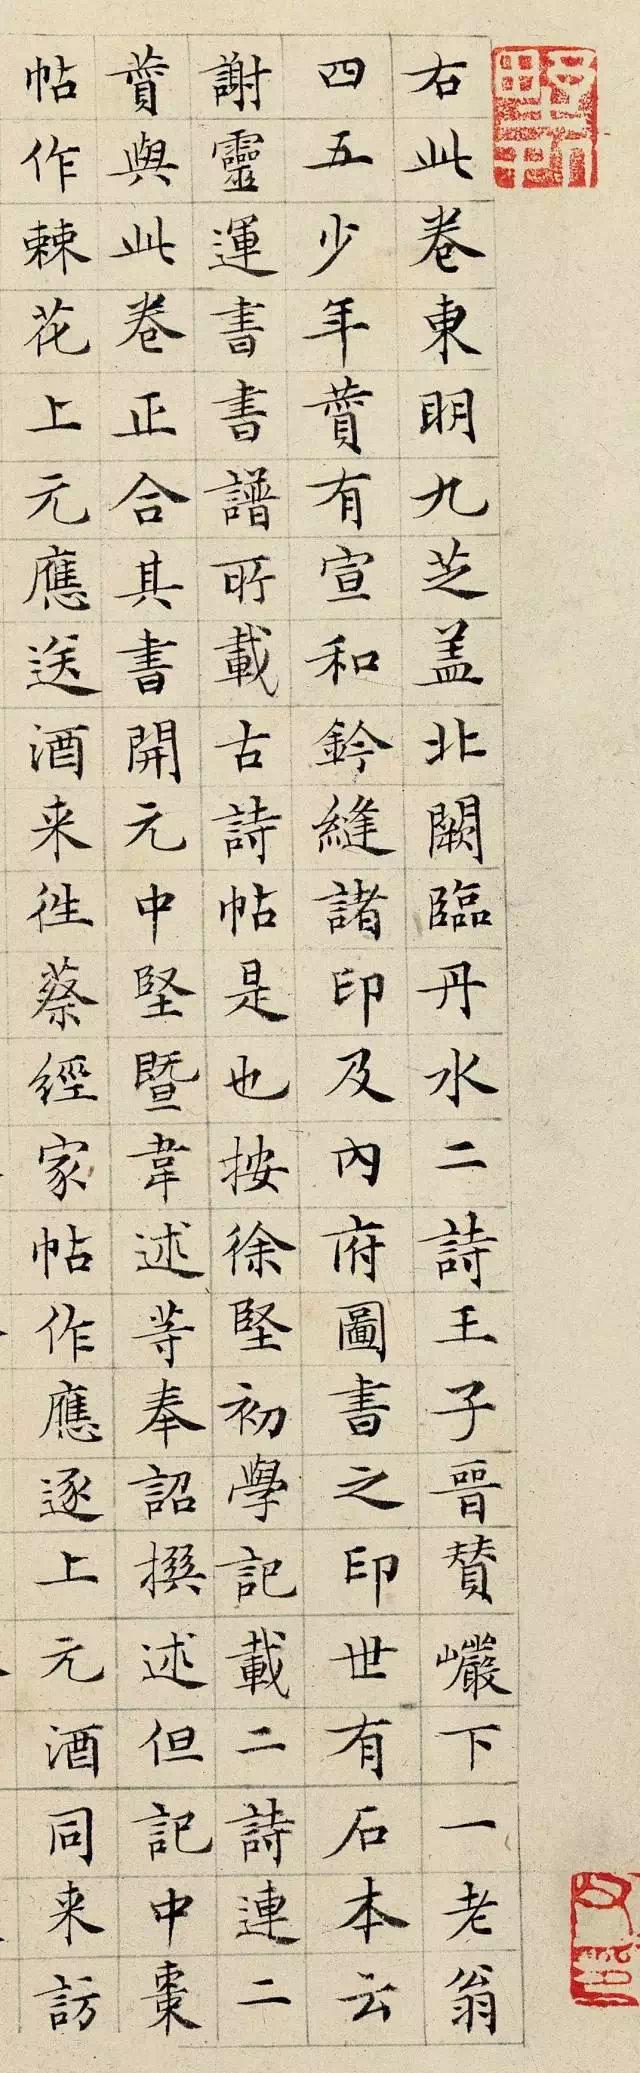 丰坊跋张旭《草书古诗四首》,辽宁省博物馆藏……